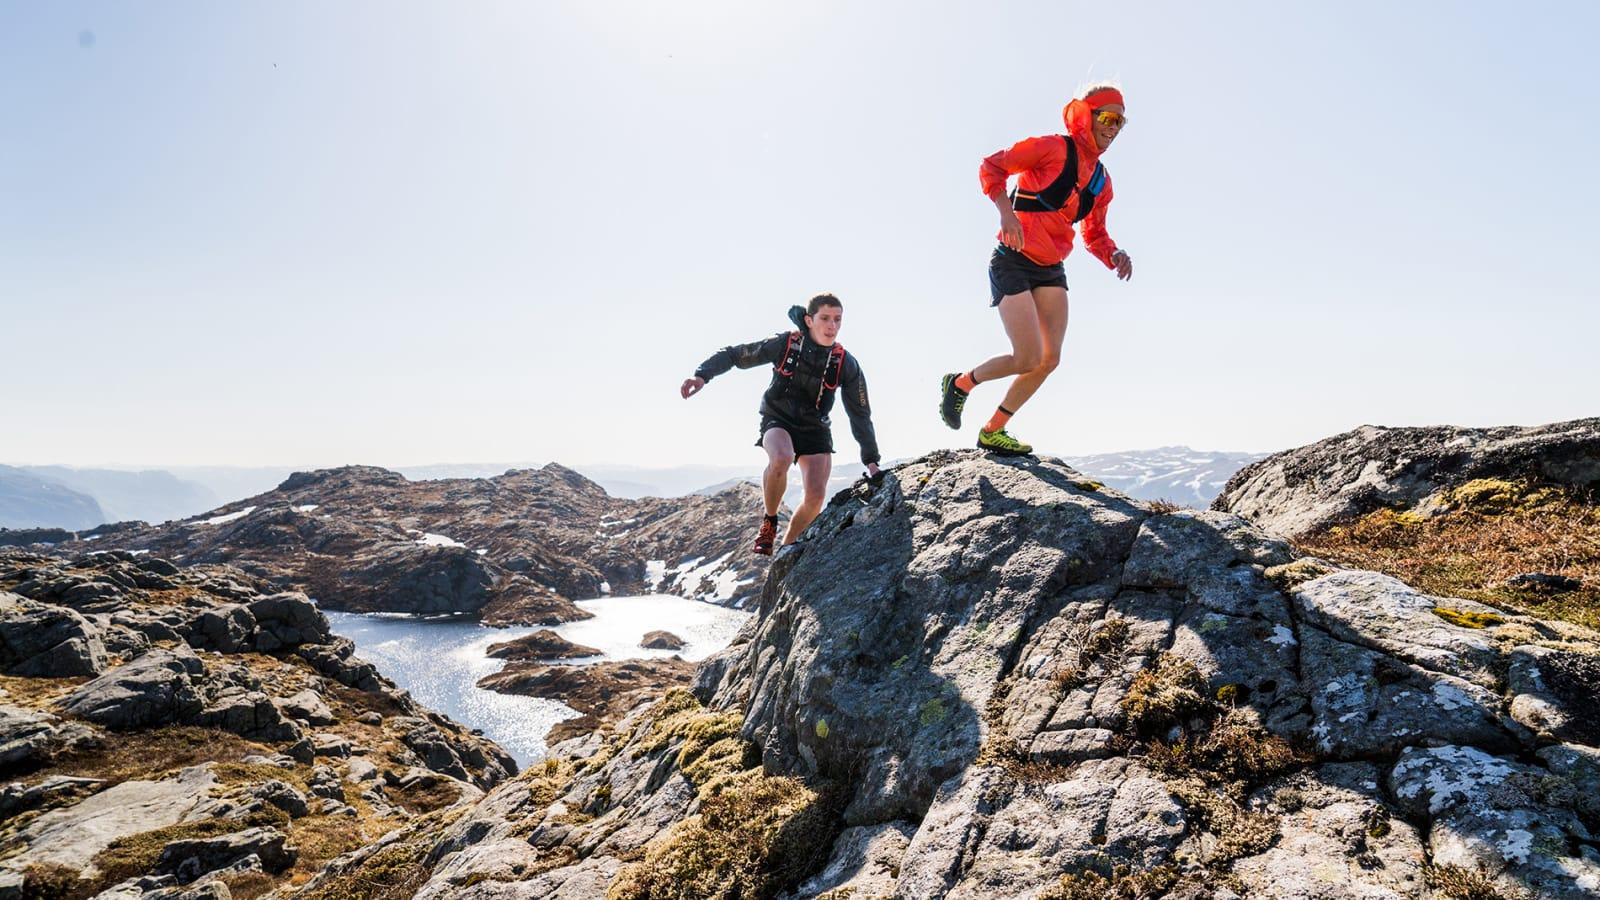 BYNUTEN: Tommy Haga og Malene Blikken Haukøy i lekent terreng på vei til den rødmerkede stien til Bynuten (671 moh): Bilde: Magnus Roaldset Furset